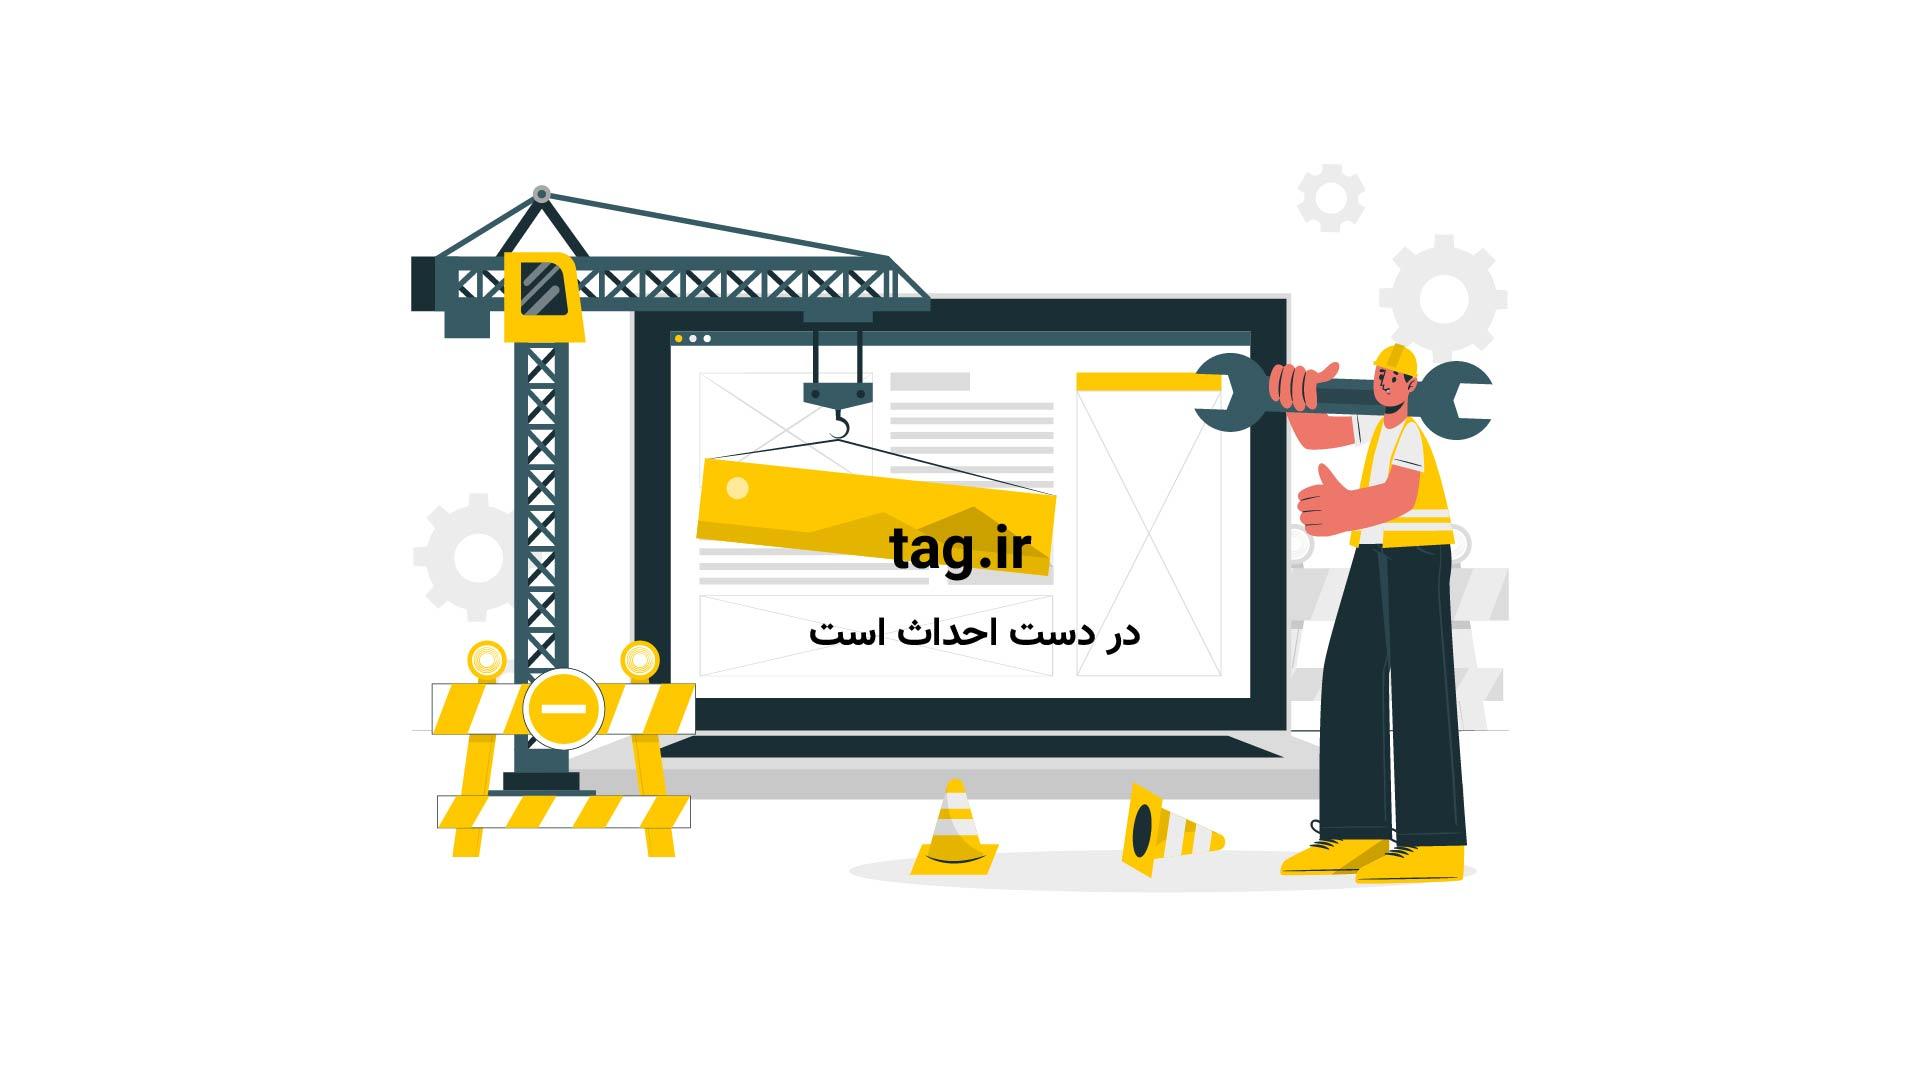 استندآپ کمدی محمد حسن دژاهنگ با موضوع فوبیا | فیلم